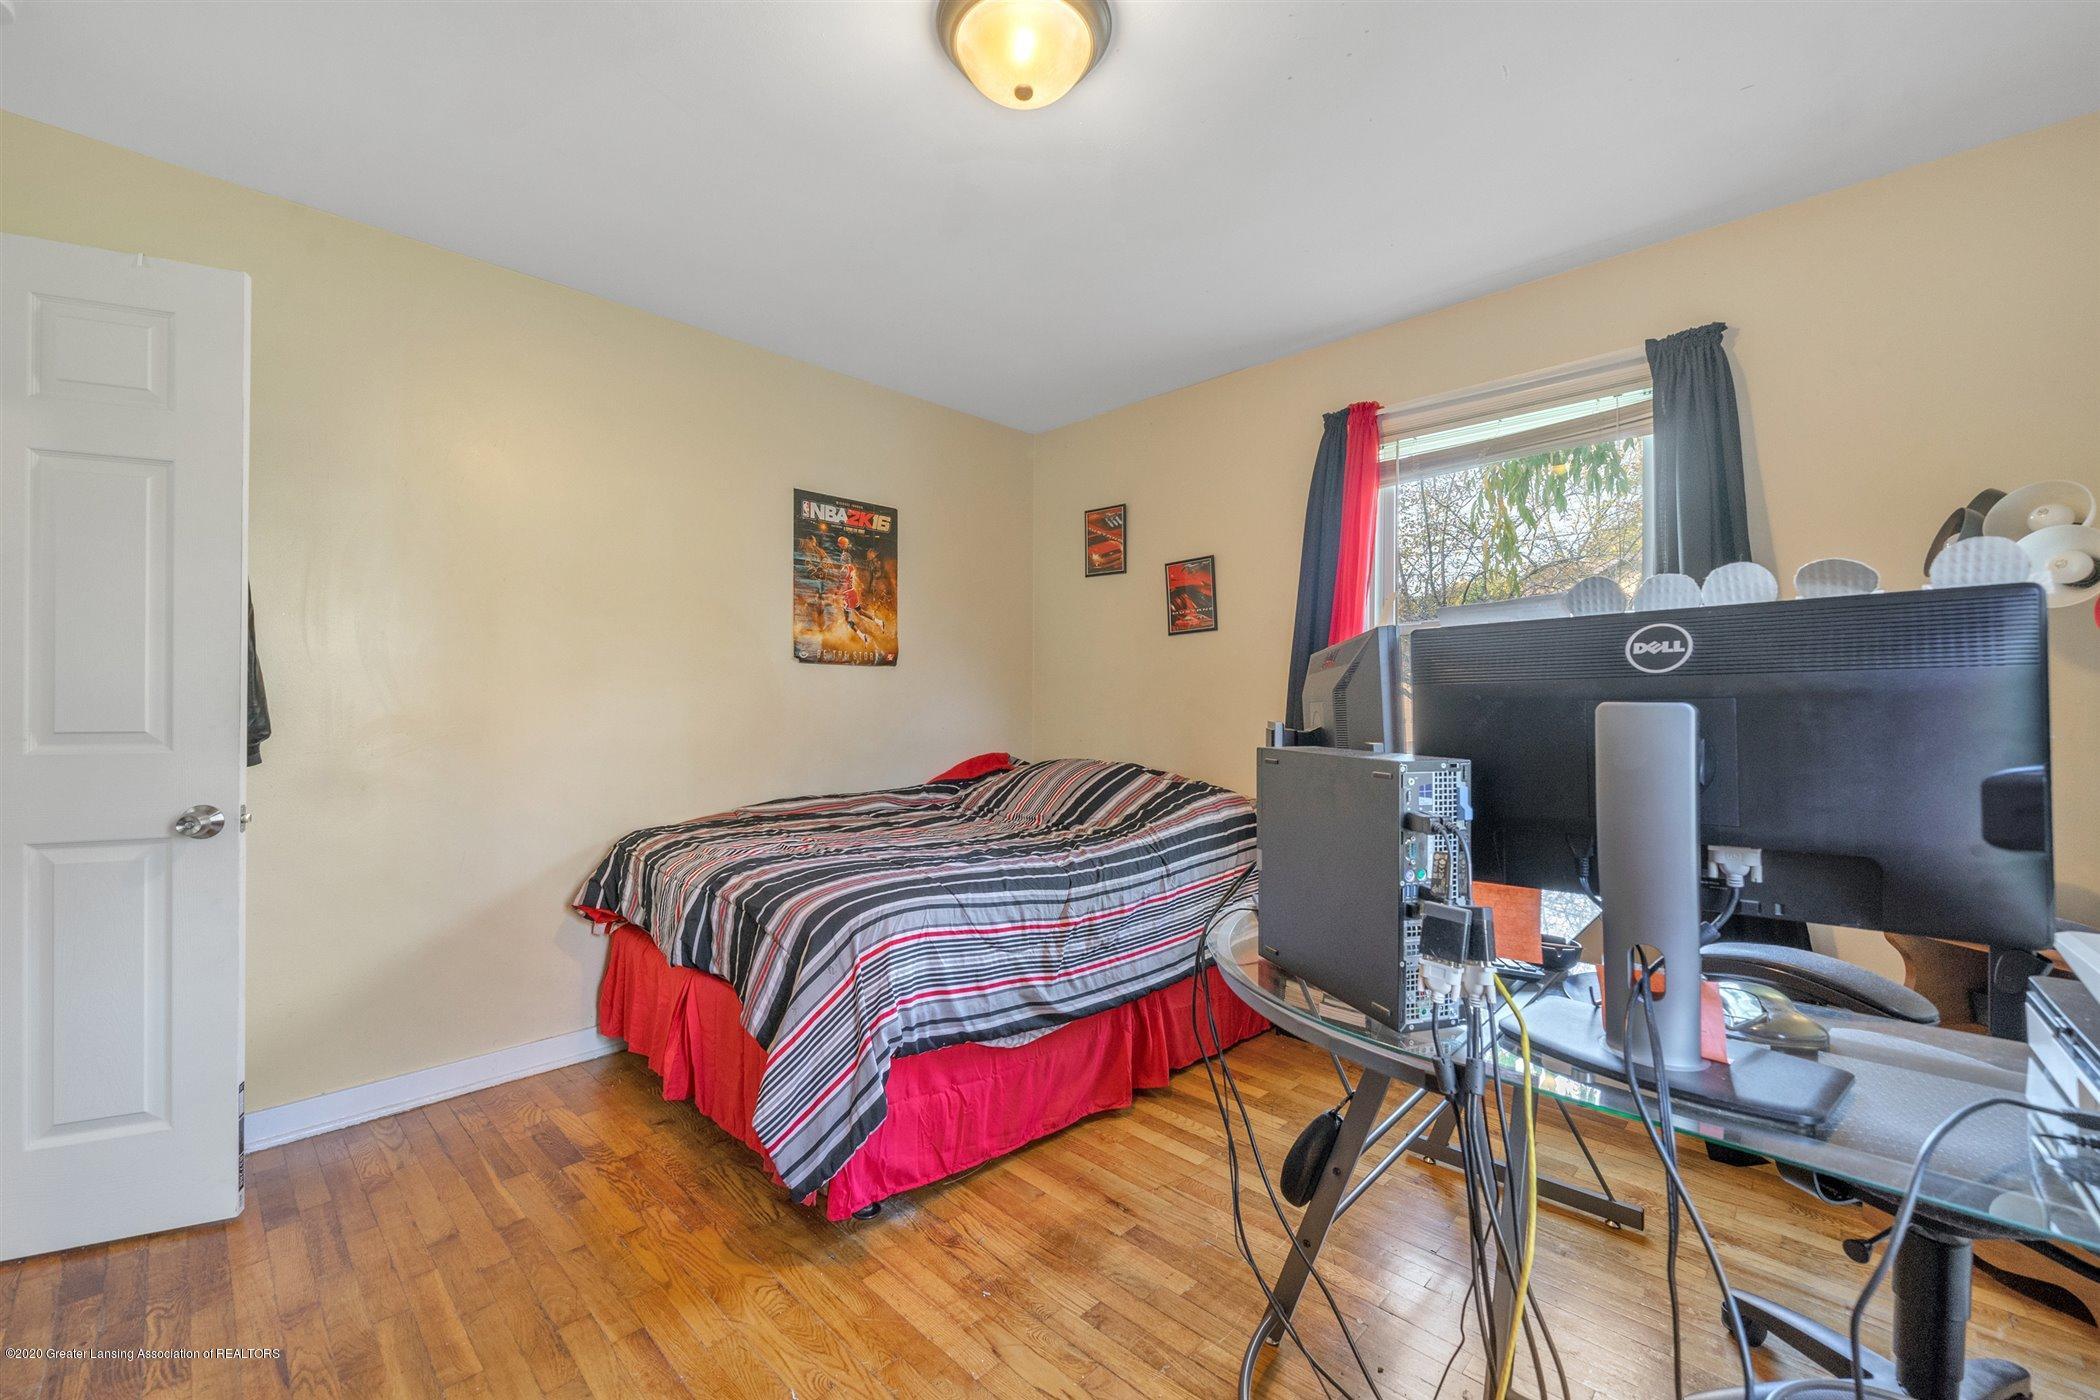 1209 Lenore Ave - 20-1209-Lenore-Ave-WindowStill-Real - 18